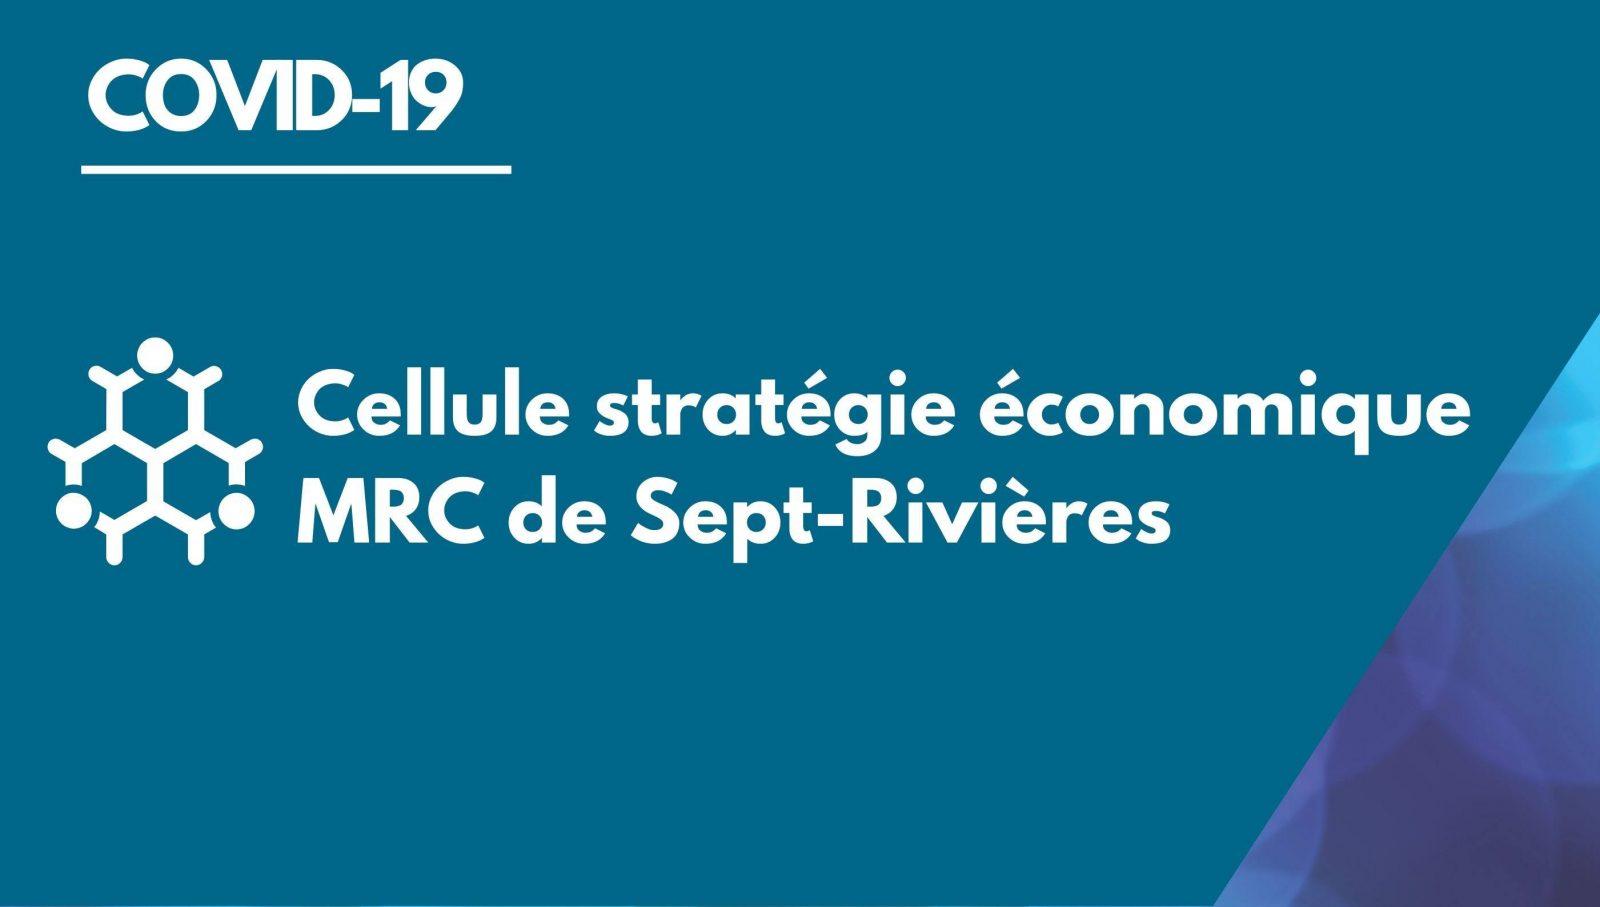 COVID-19 : Soutien aux entreprises et organismes de la MRC de Sept-Rivières